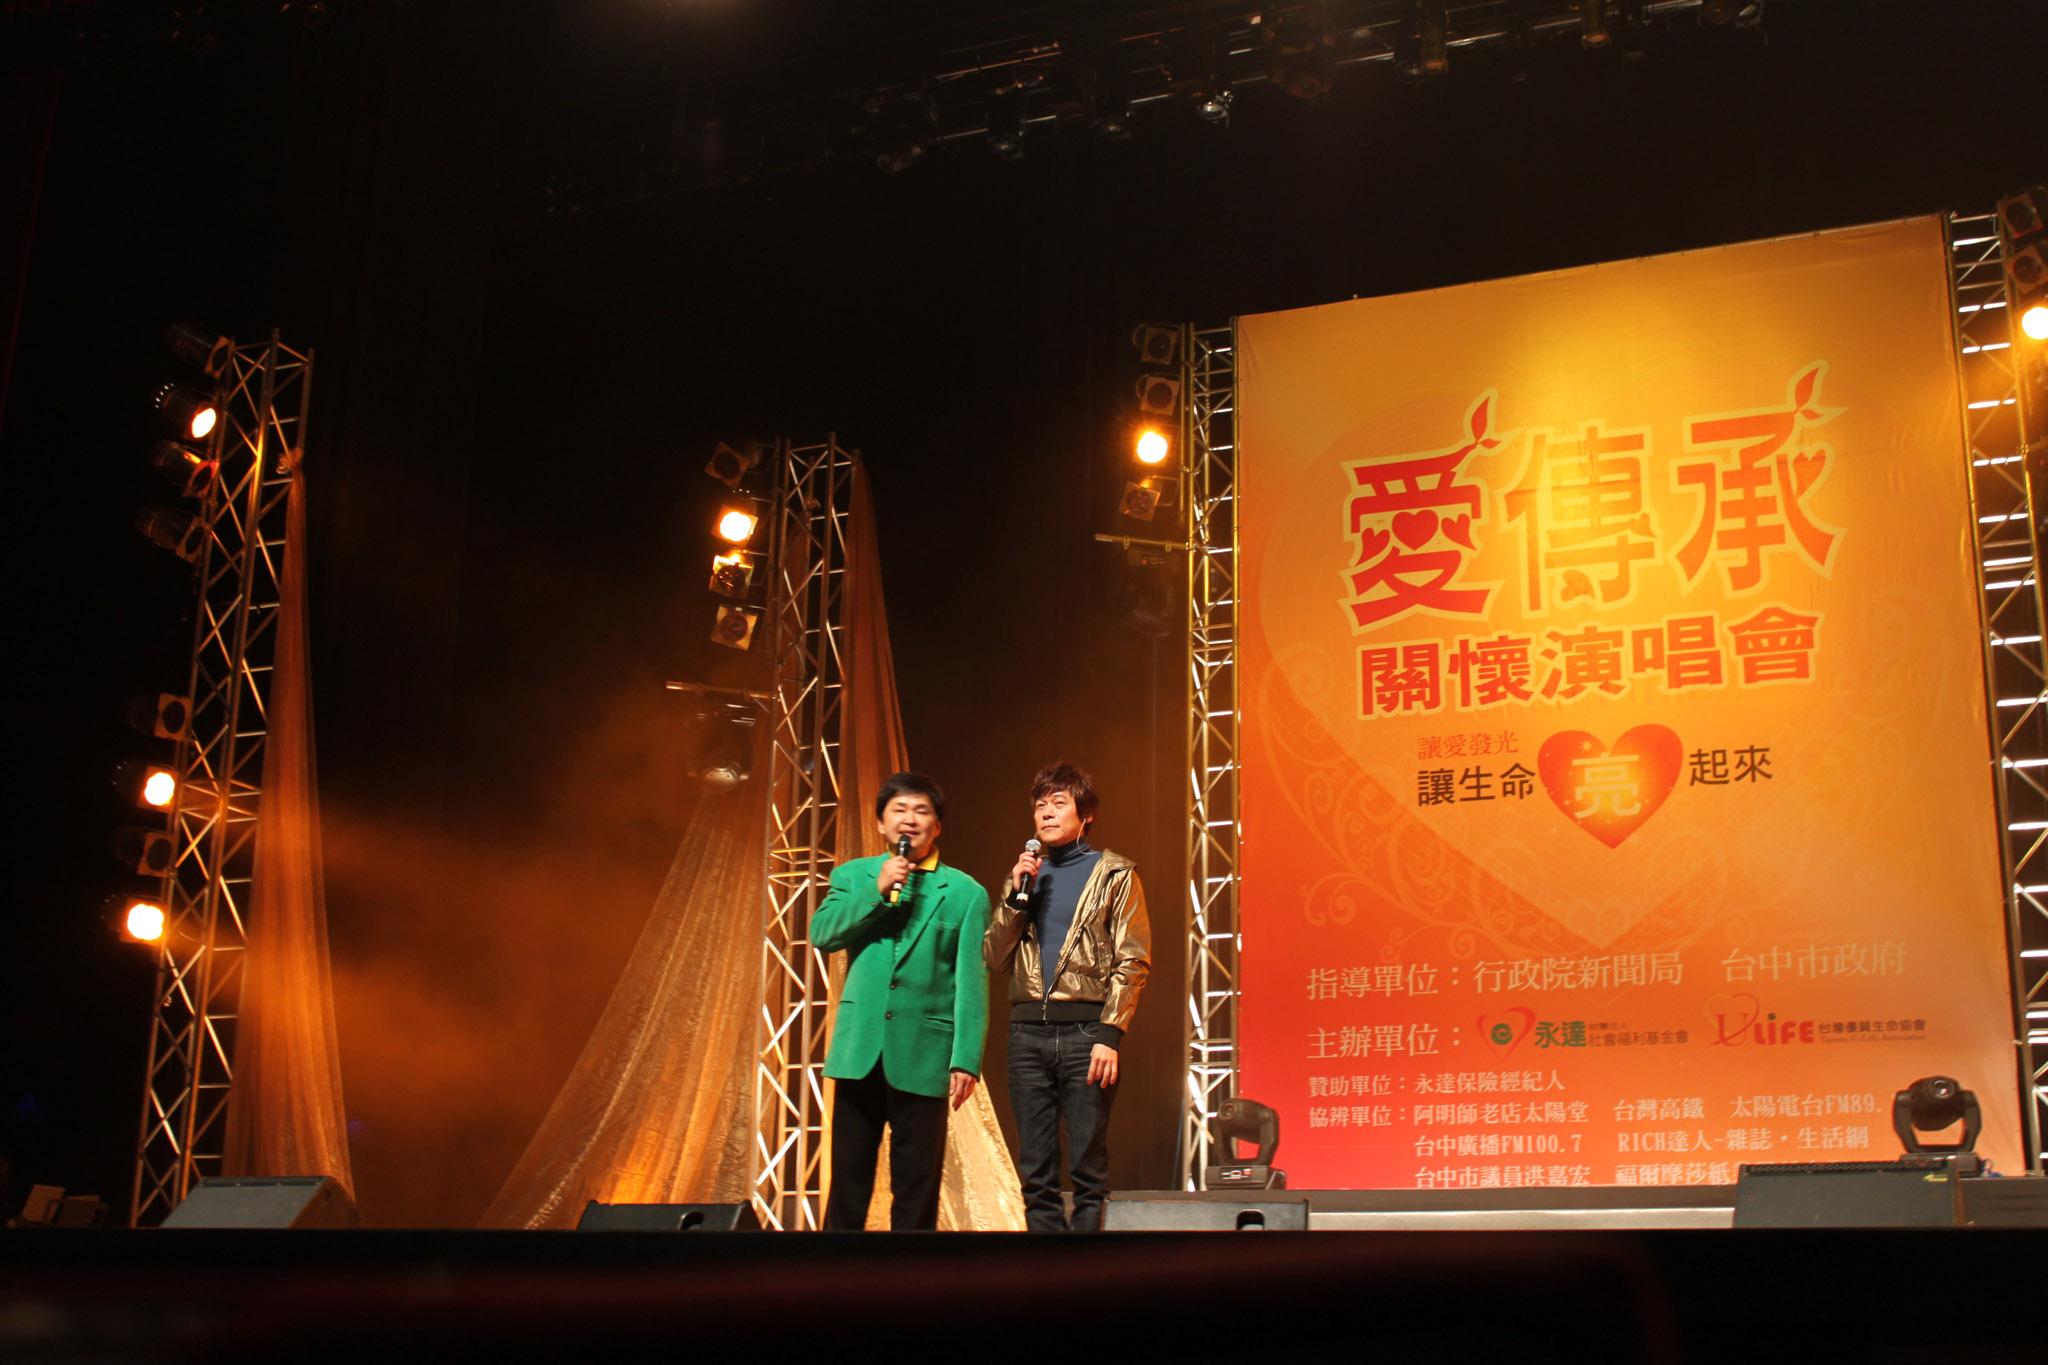 洪榮宏(右)與主持人賀一航(左)舞台上妙語如珠逗得  現場觀眾笑聲不斷。